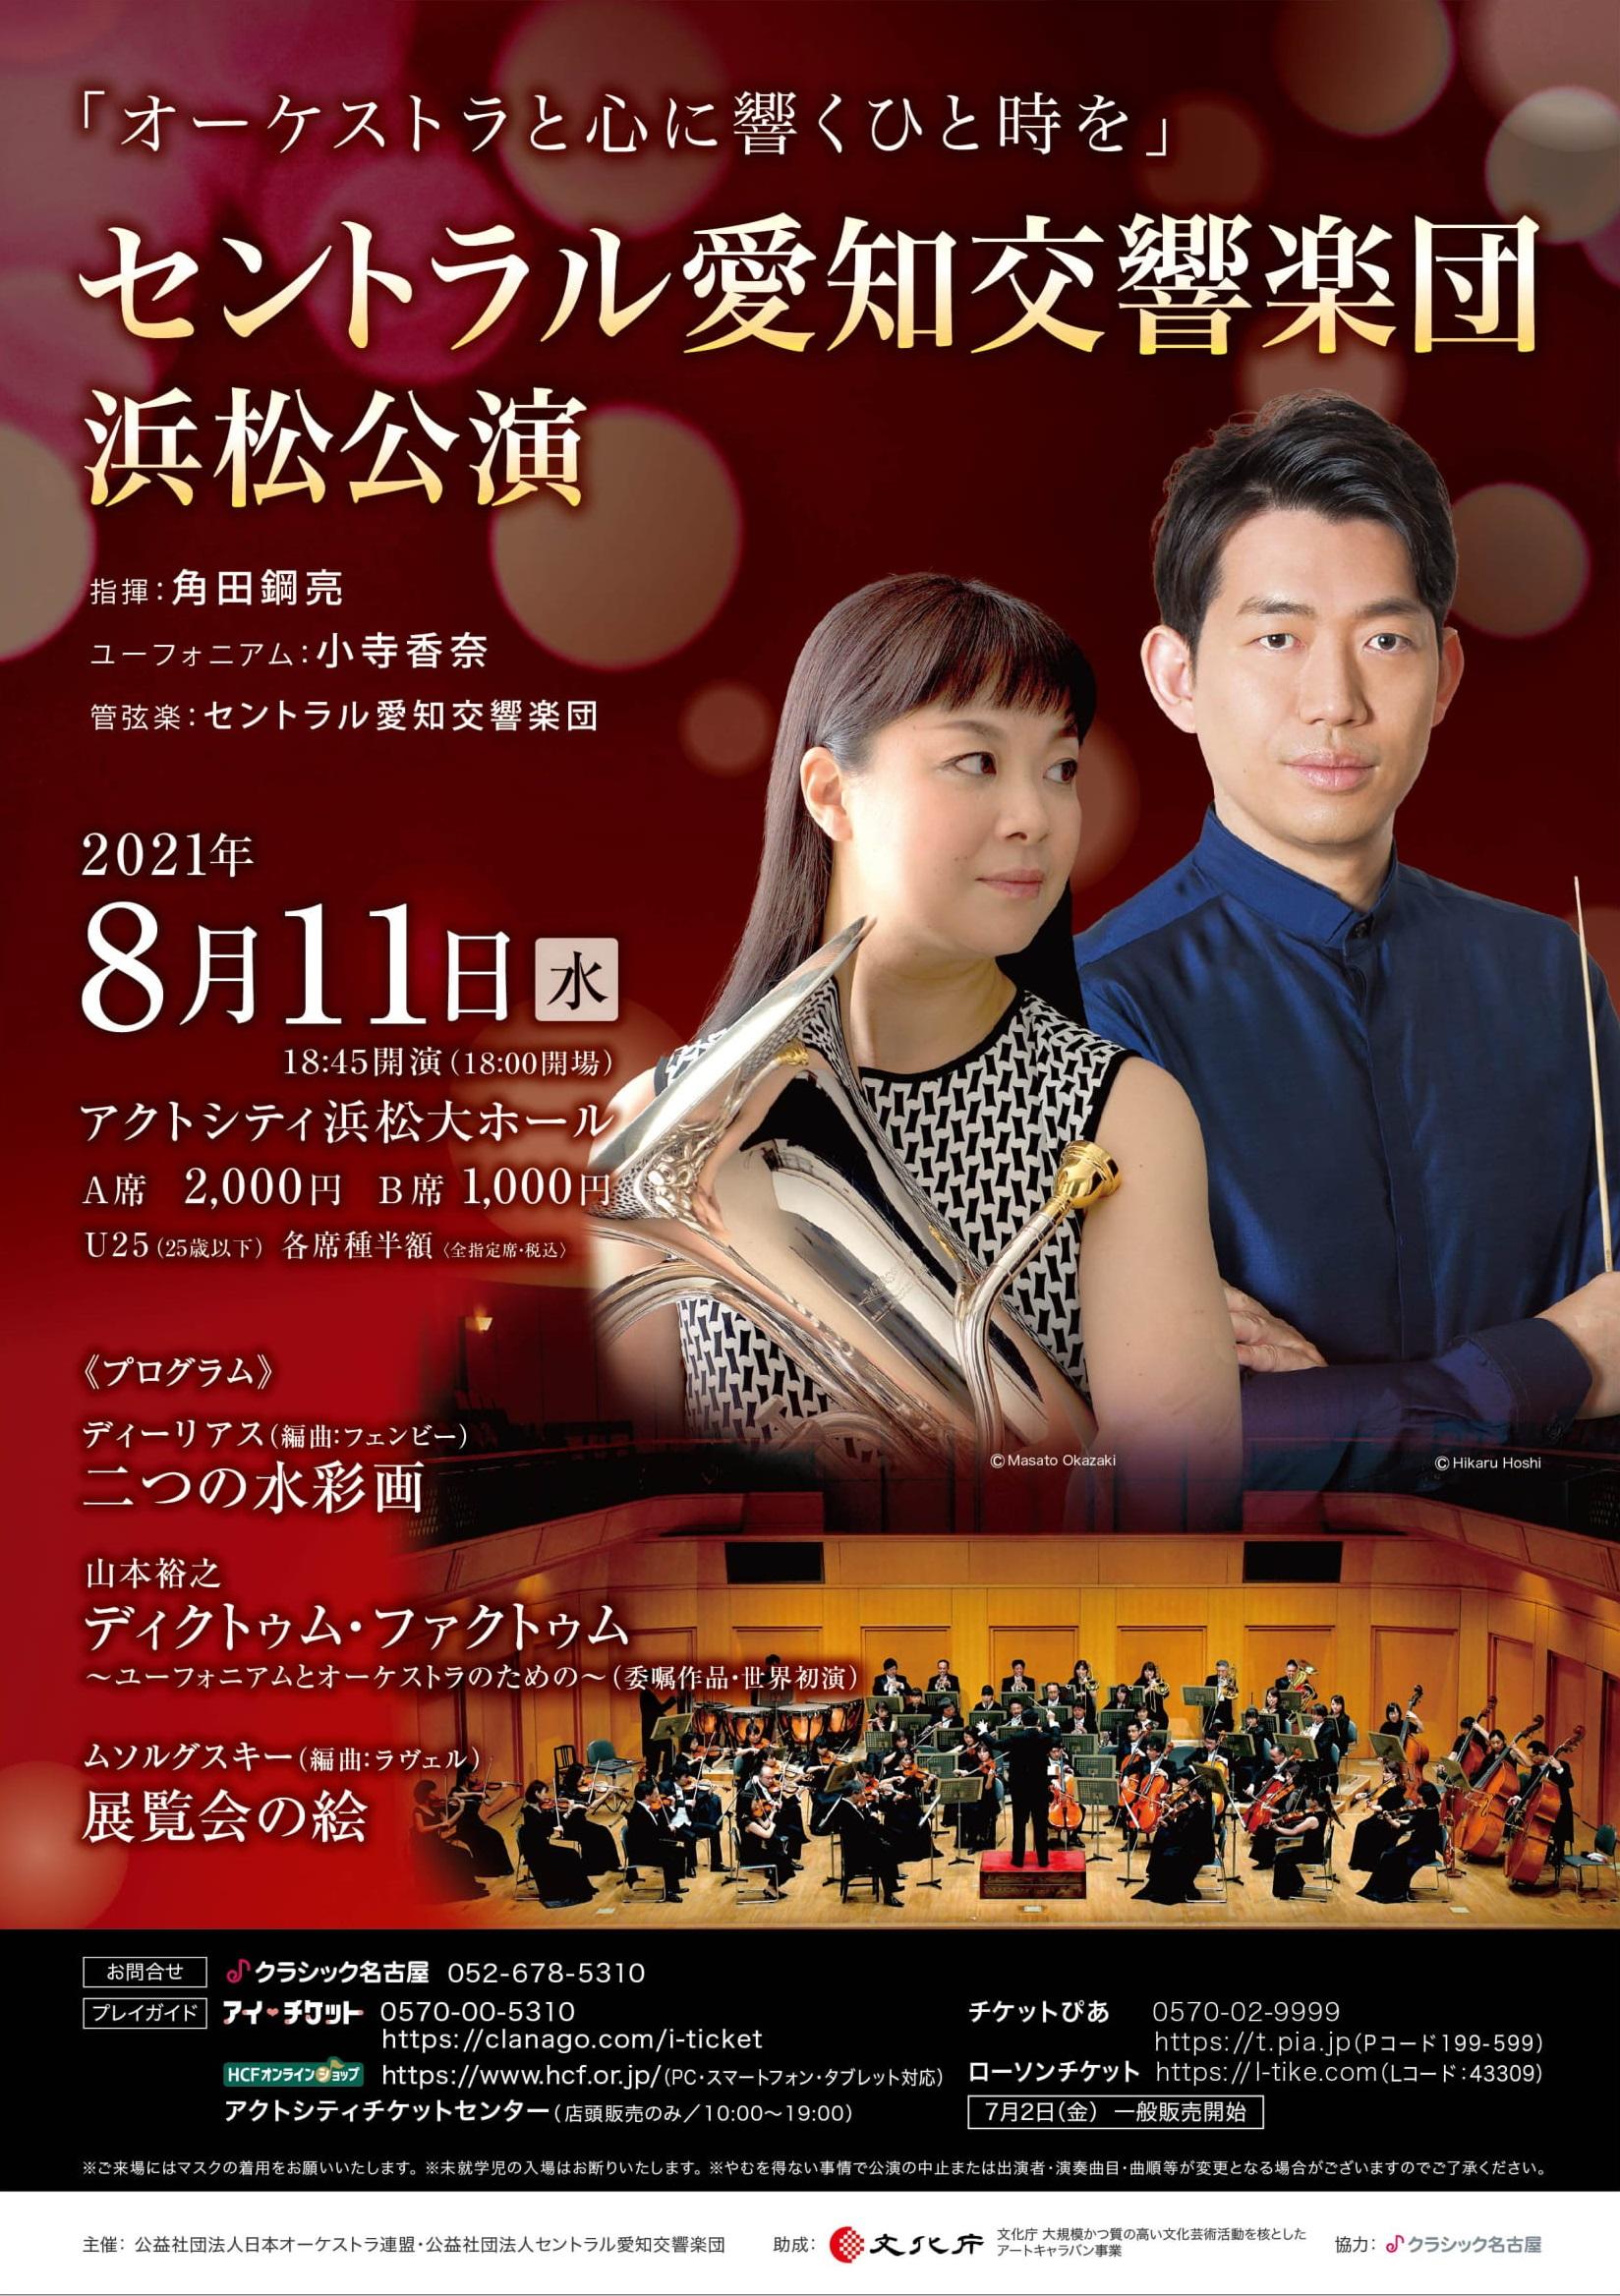 オーケストラ・キャラバン~オーケストラと心に響くひとときを~ セントラル愛知交響楽団 浜松公演